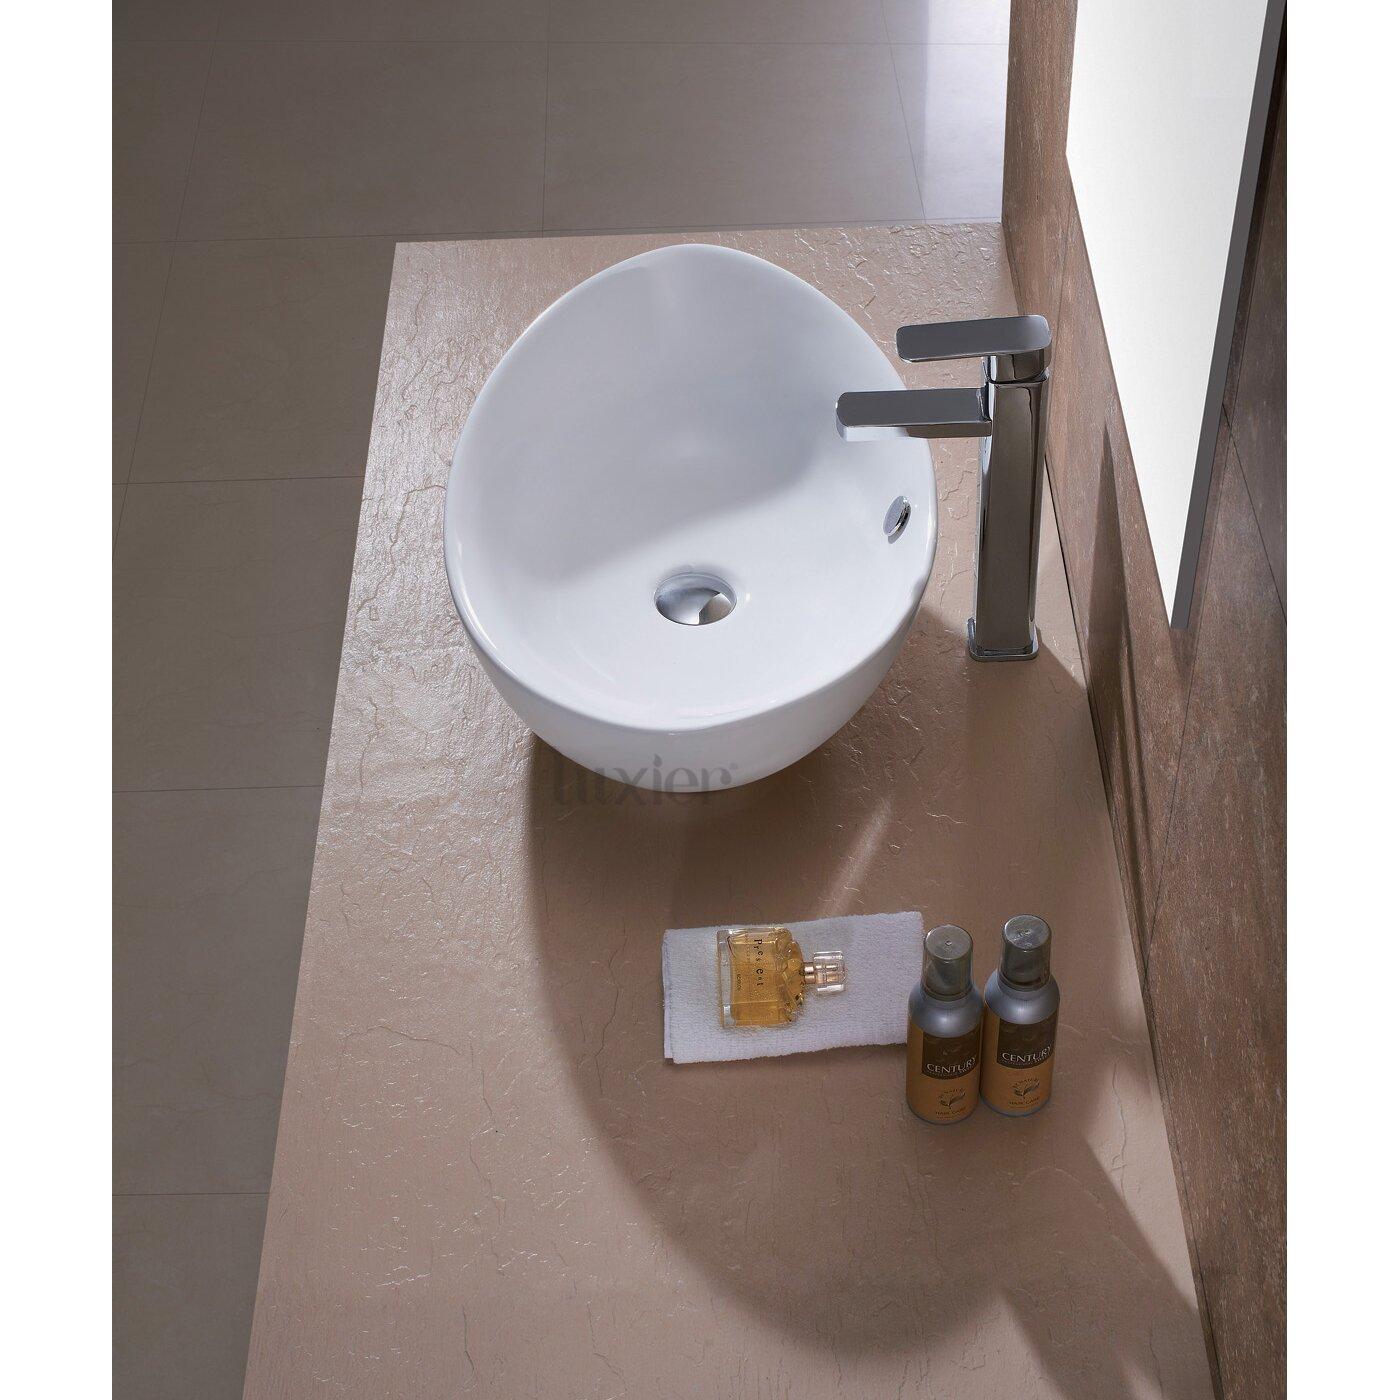 Luxier L-004 Bathroom Egg Porcelain Ceramic Vessel Vanity